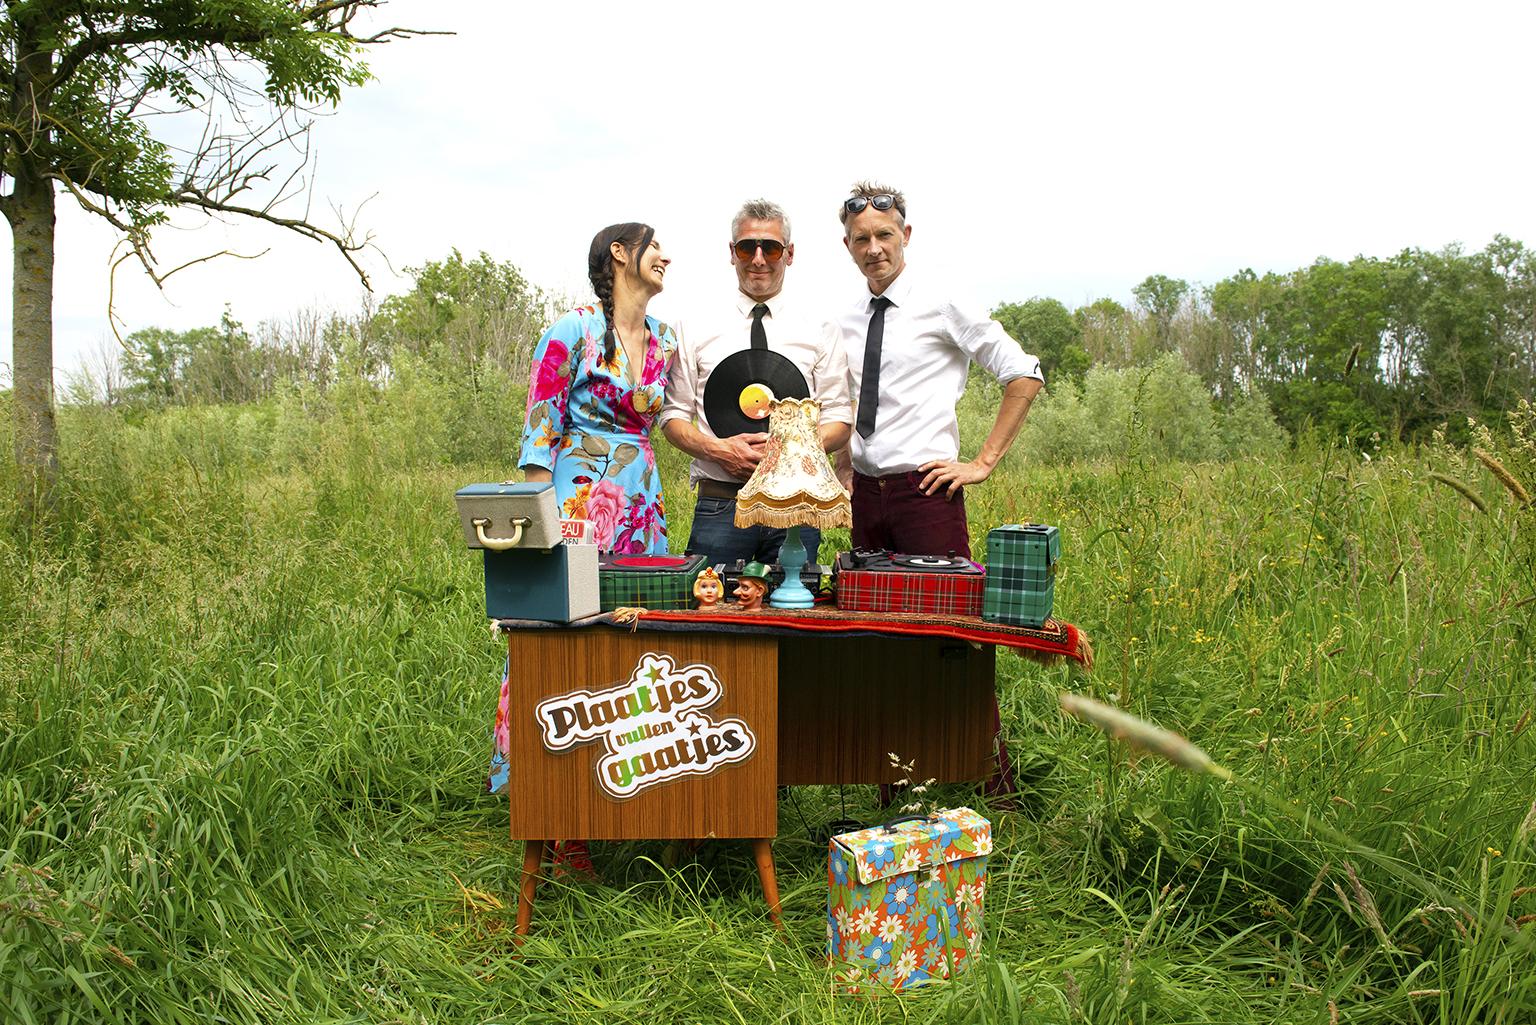 Marieke, Pieter en Erik met een oud kastje en platenspeler in een weiland